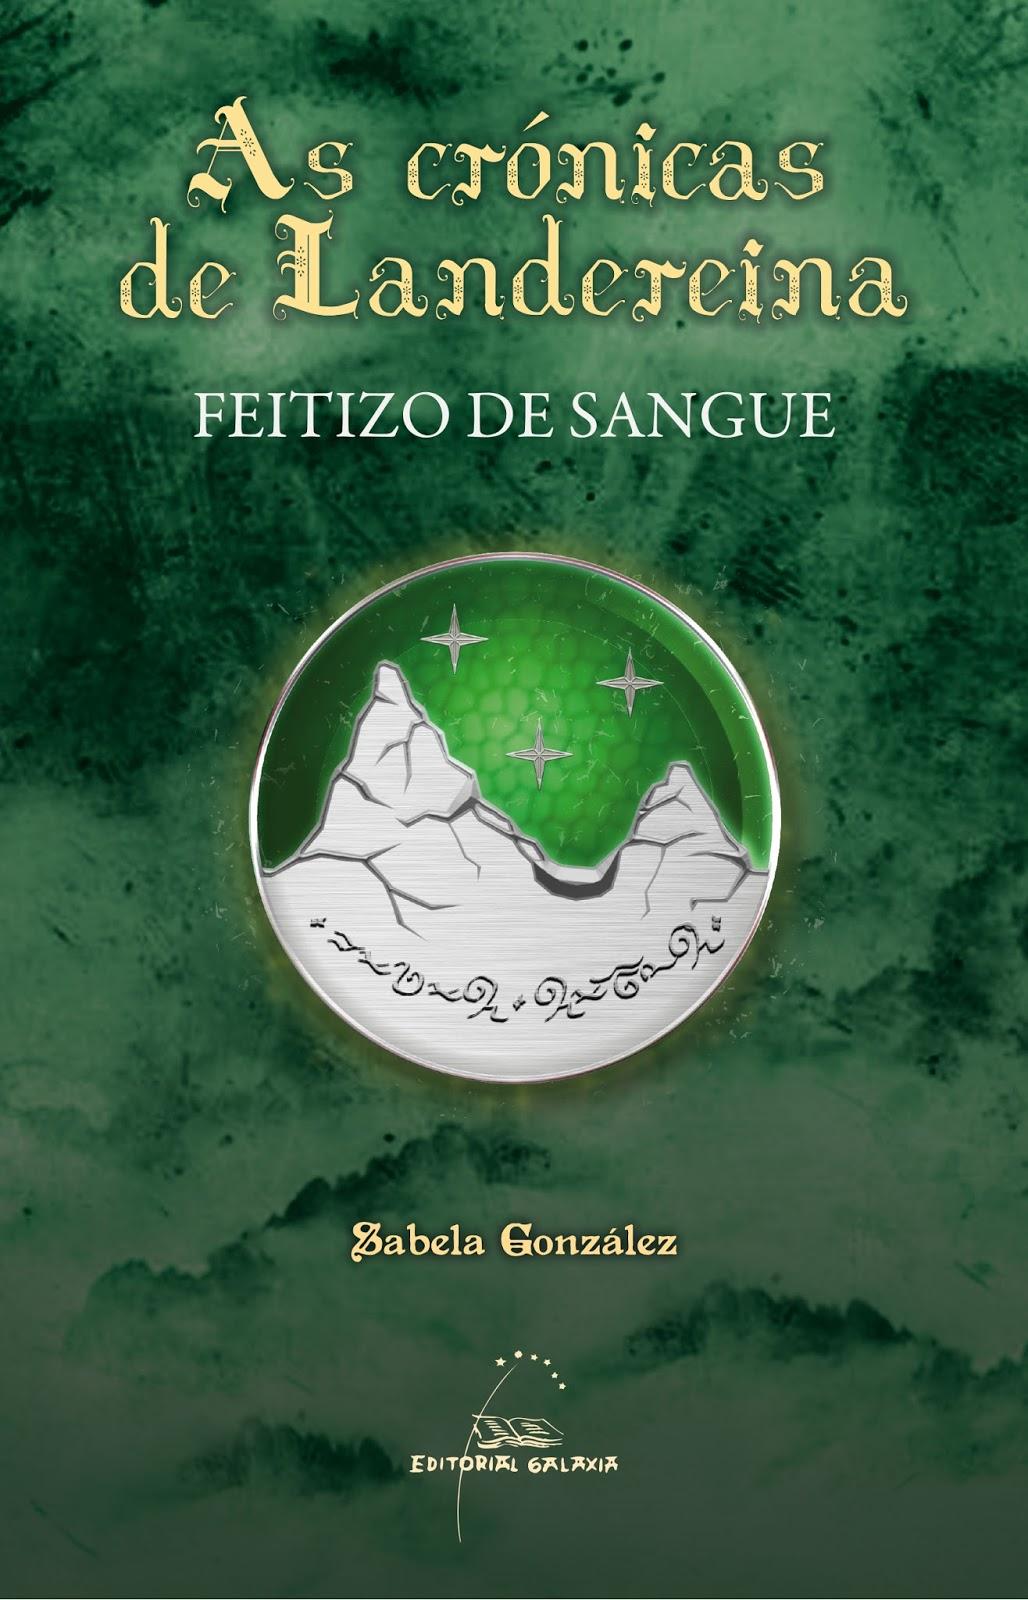 http://www.editorialgalaxia.es/catalogo/libro.php?id_libro=0011350002&orde=numero